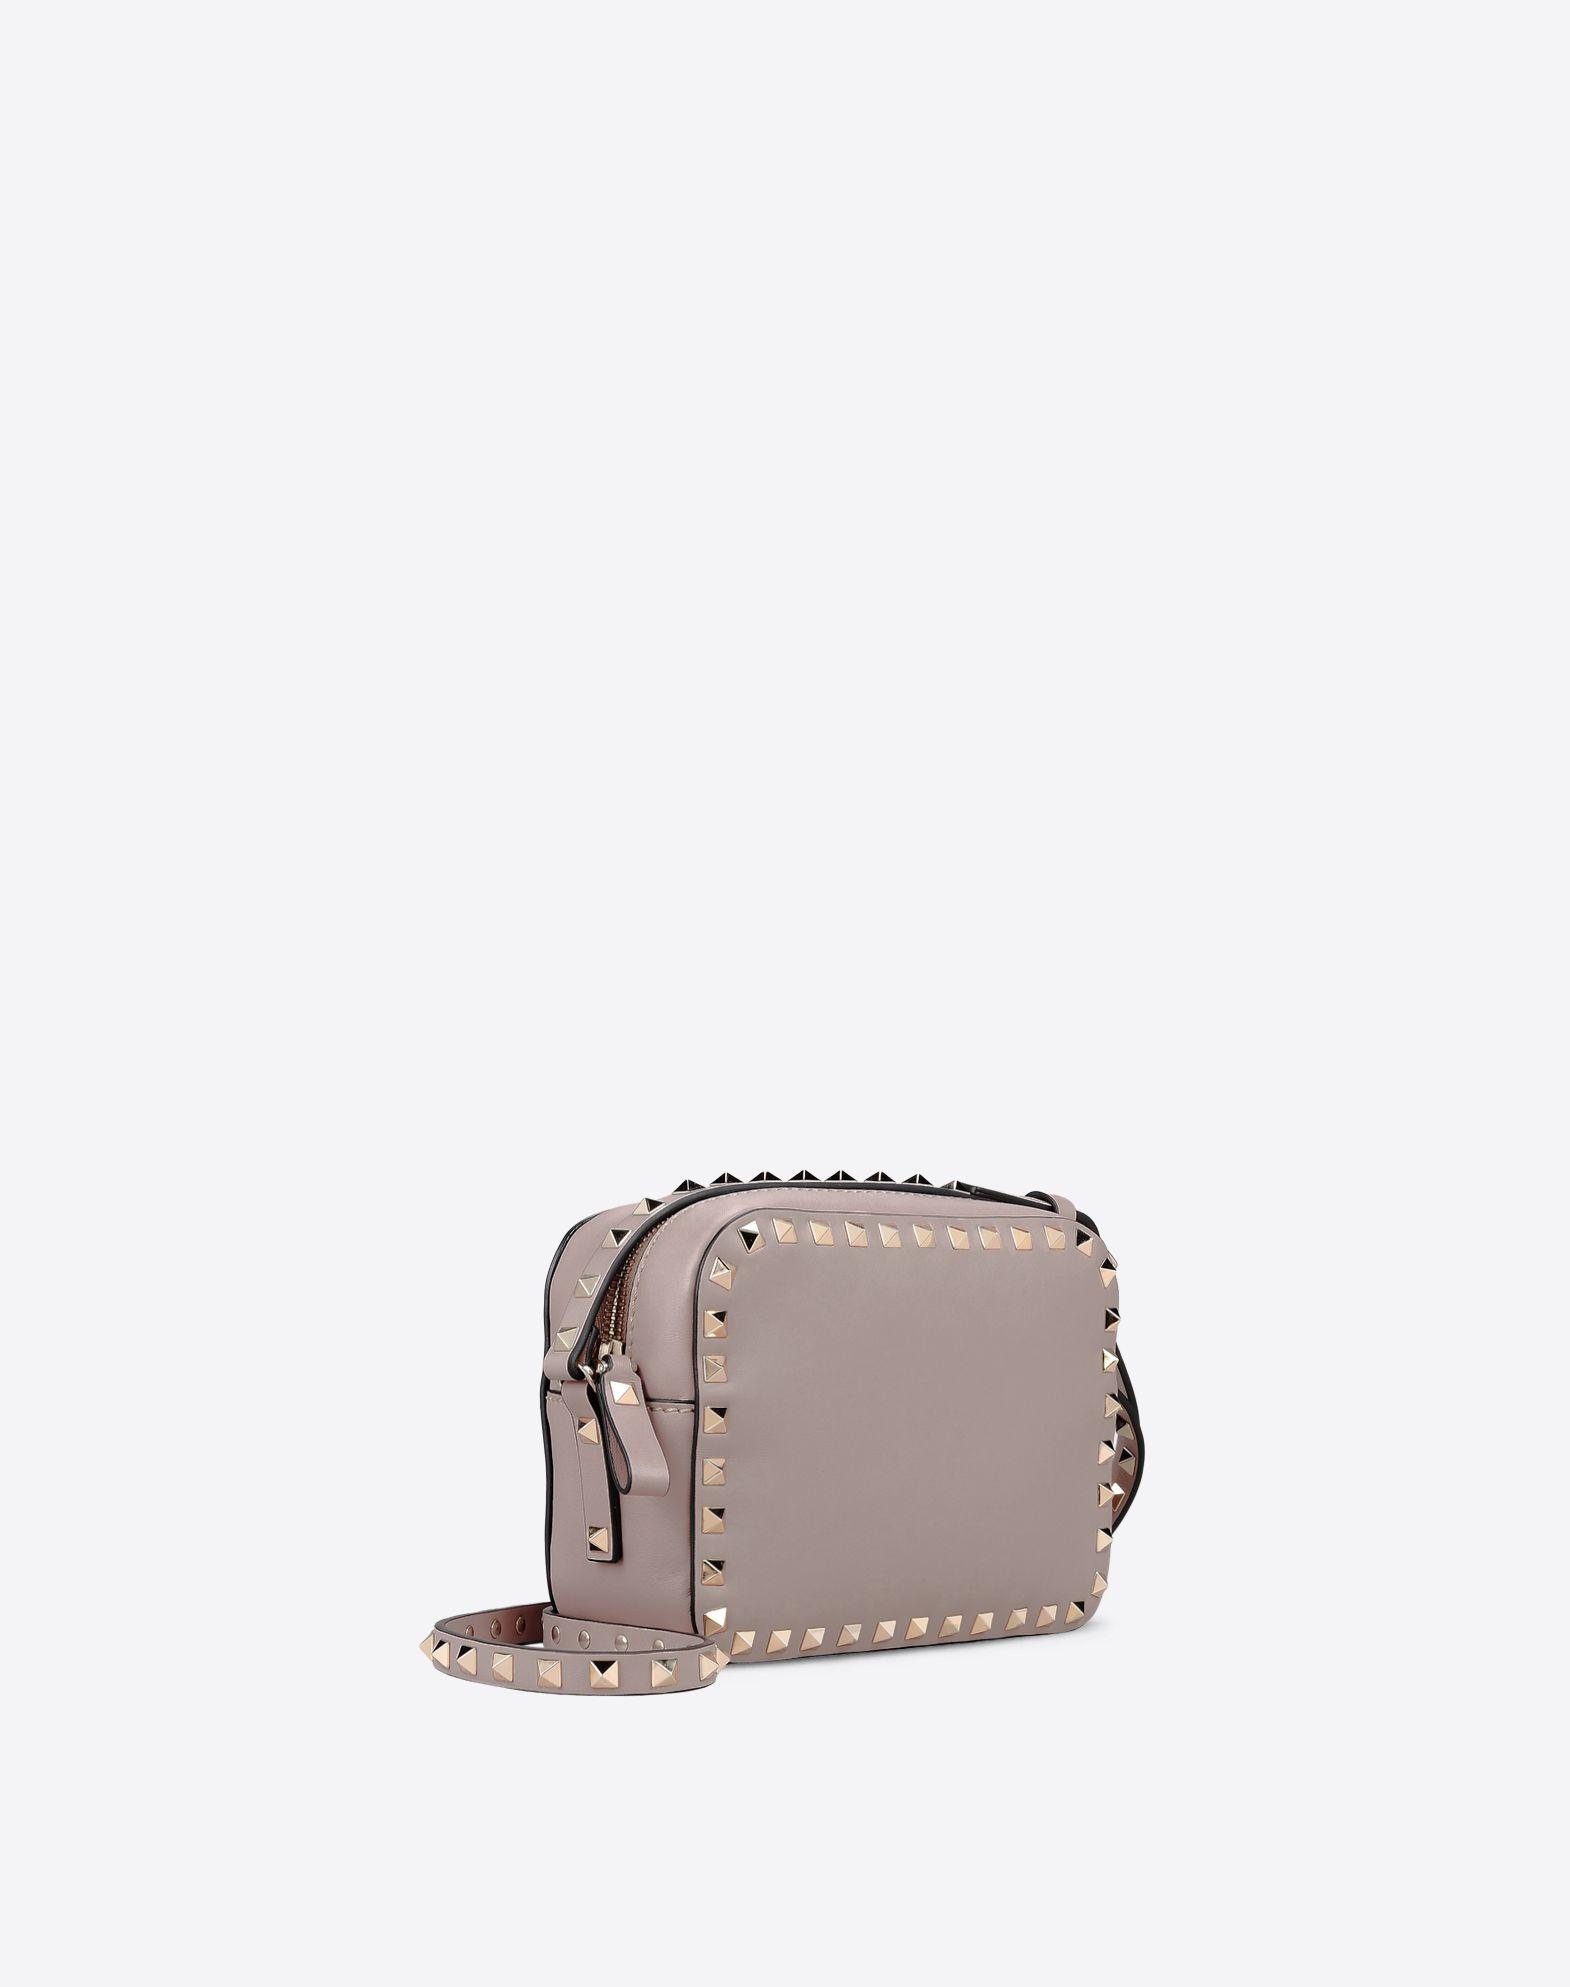 248a172a113d Valentino Rockstud Crossbody Bag Grey